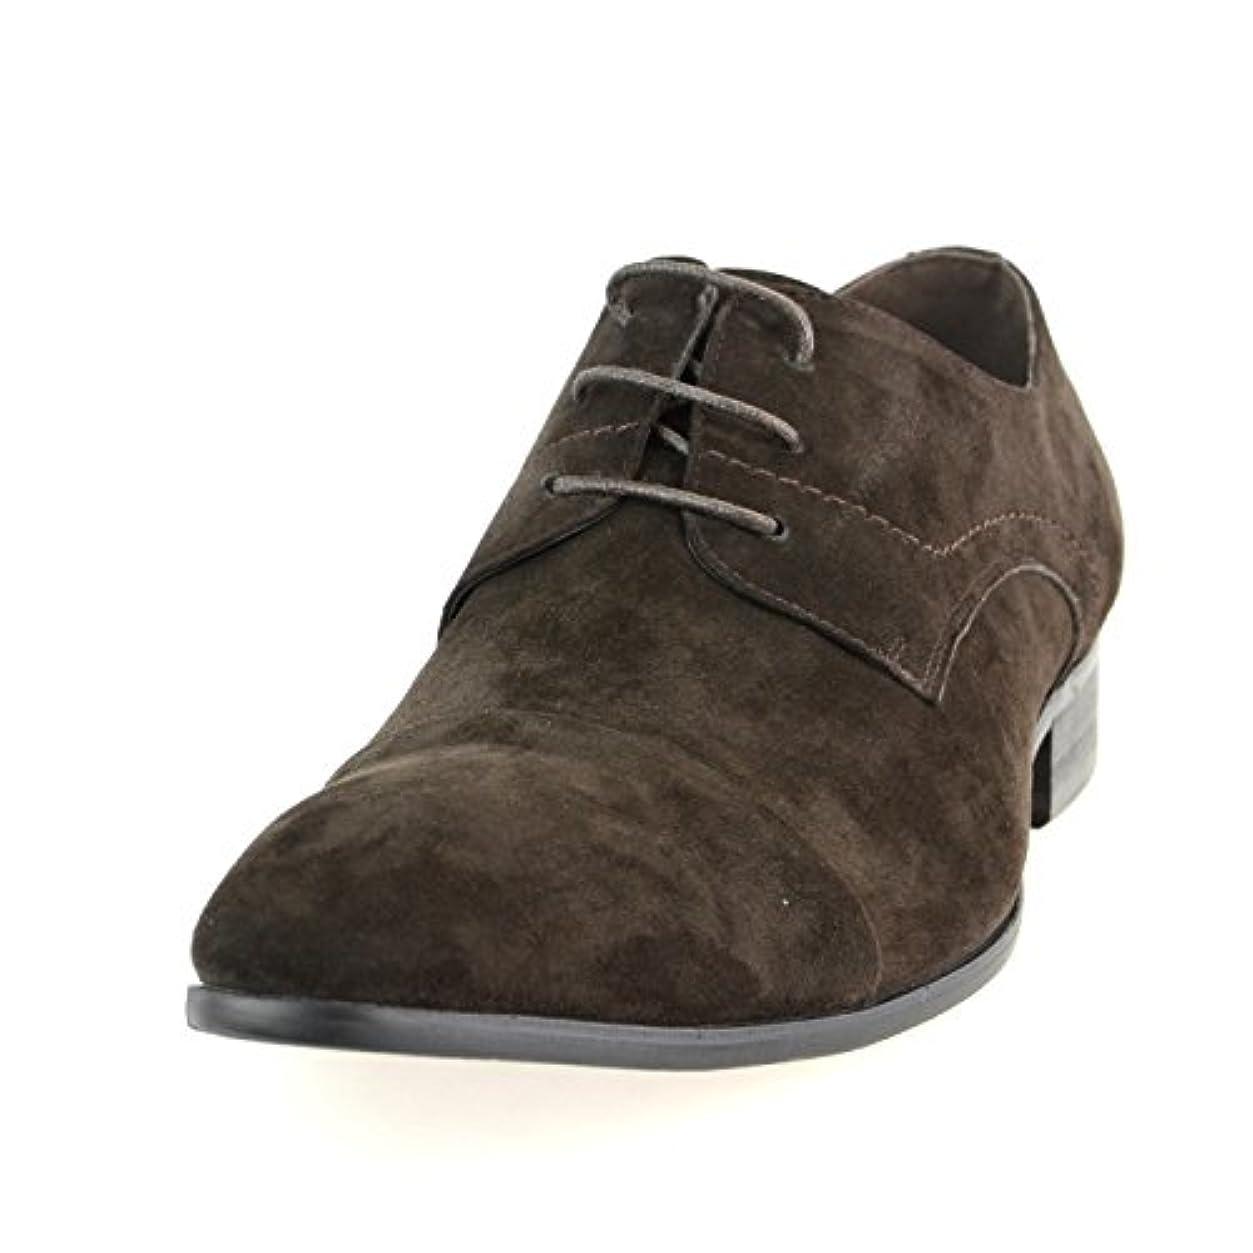 毎日原点テーブルを設定する[ルシウス] 本革 レザー メンズ ビジネスシューズ 外羽根 レースアップ ストレートチップ ドレスシューズ ロングノーズ 革靴 紳士靴 ネイビー コーヒー ブラック ブラウン ダークネイビー ワイン ライトブラウン